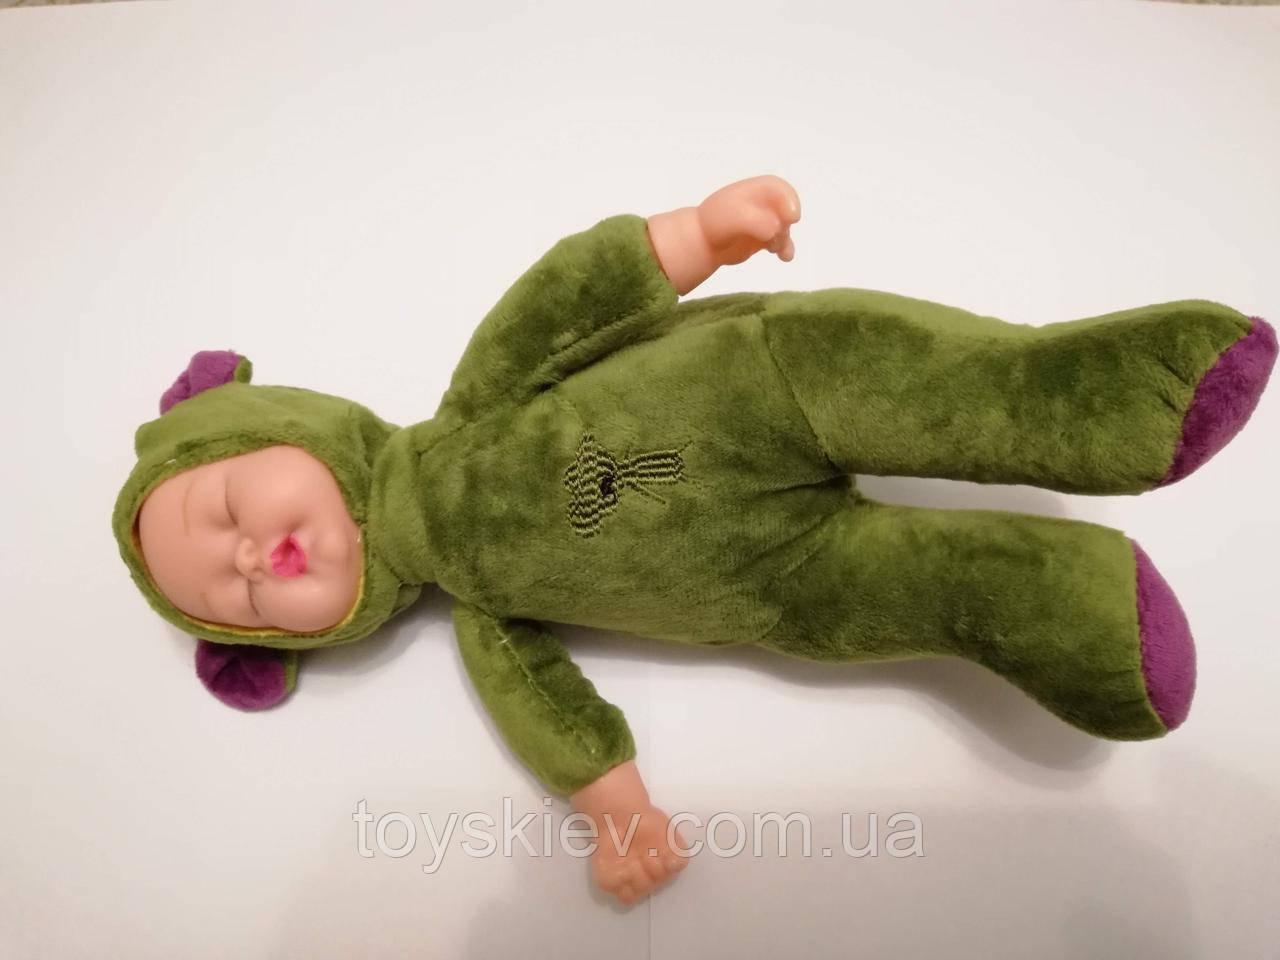 Куклы пупсы аналог Анне Геддес Anne Geddes мишка 25см. Зелёный.